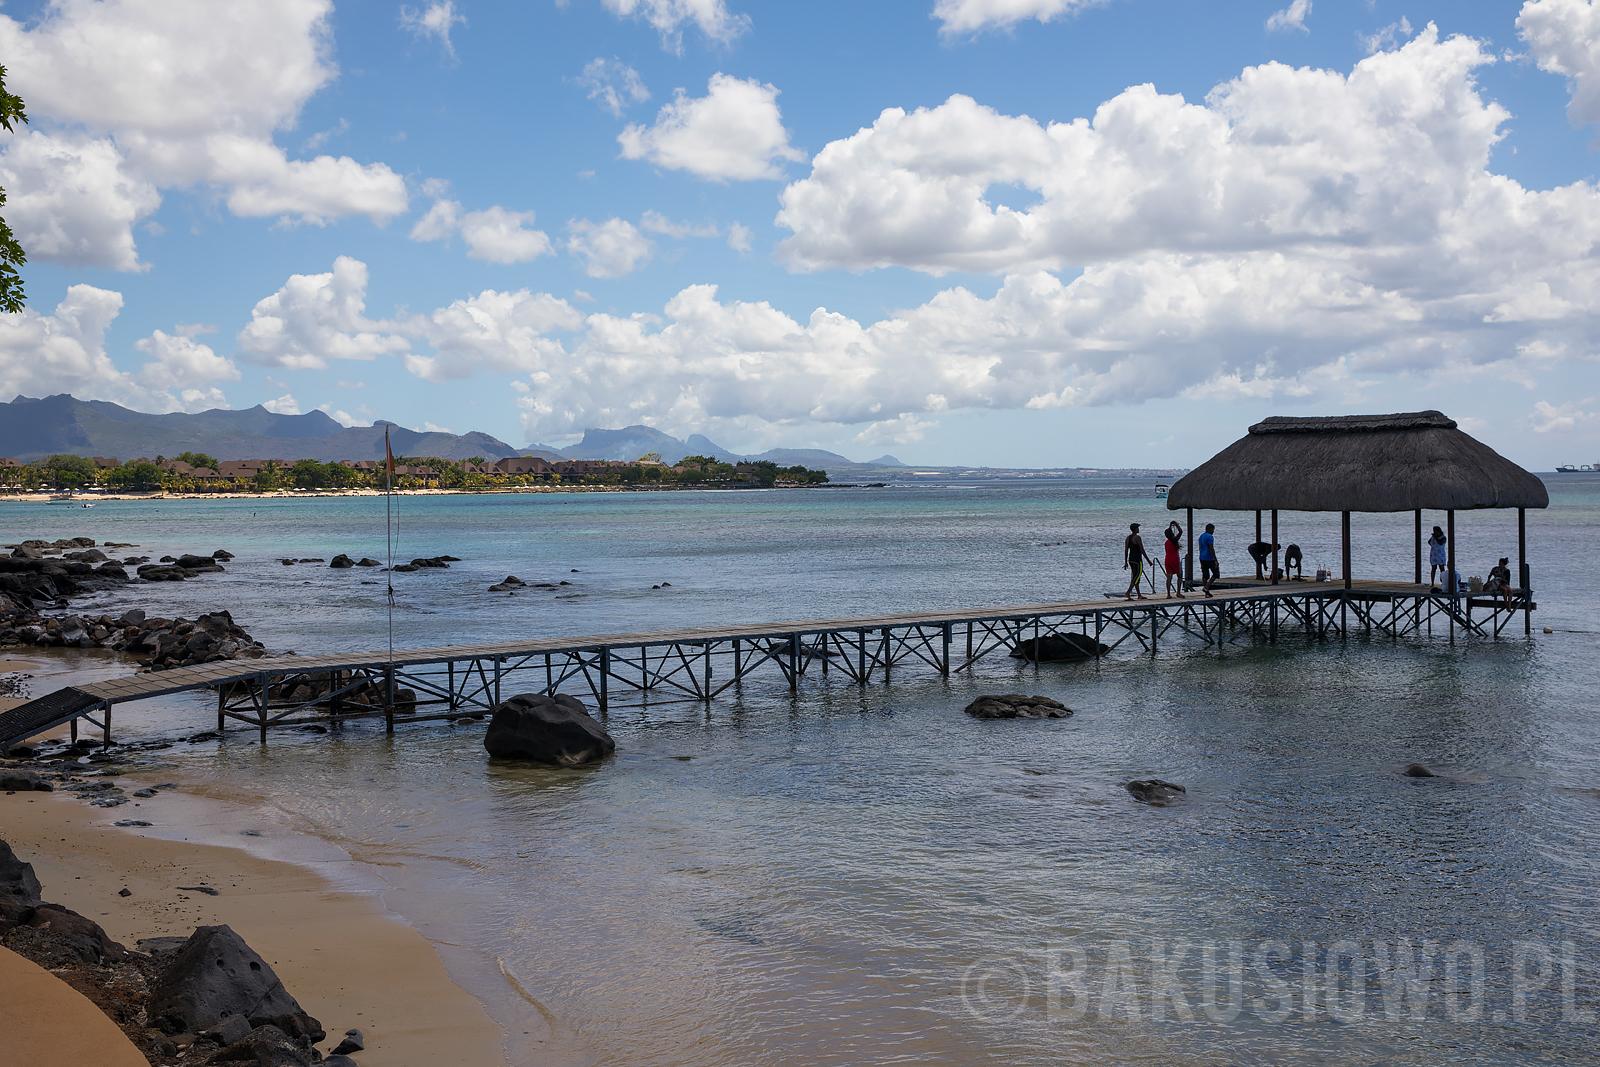 mauritius-le-meridien-photos-98